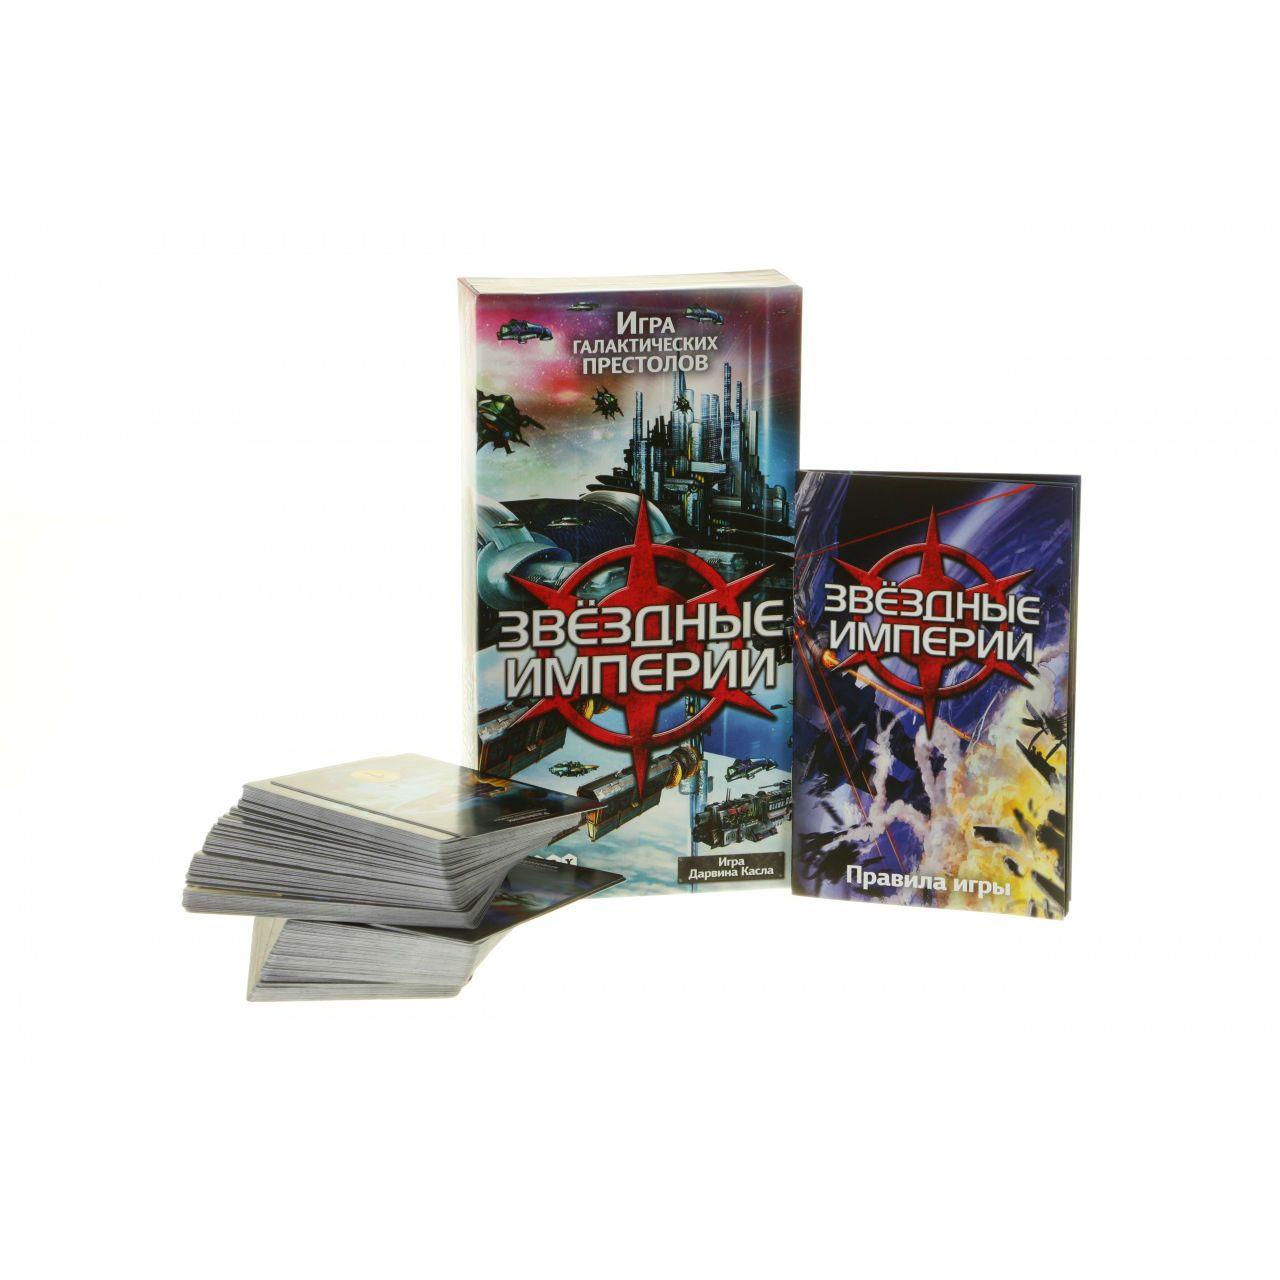 """Настольная игра """"Игра галактических престолов"""" - Звездные империи"""